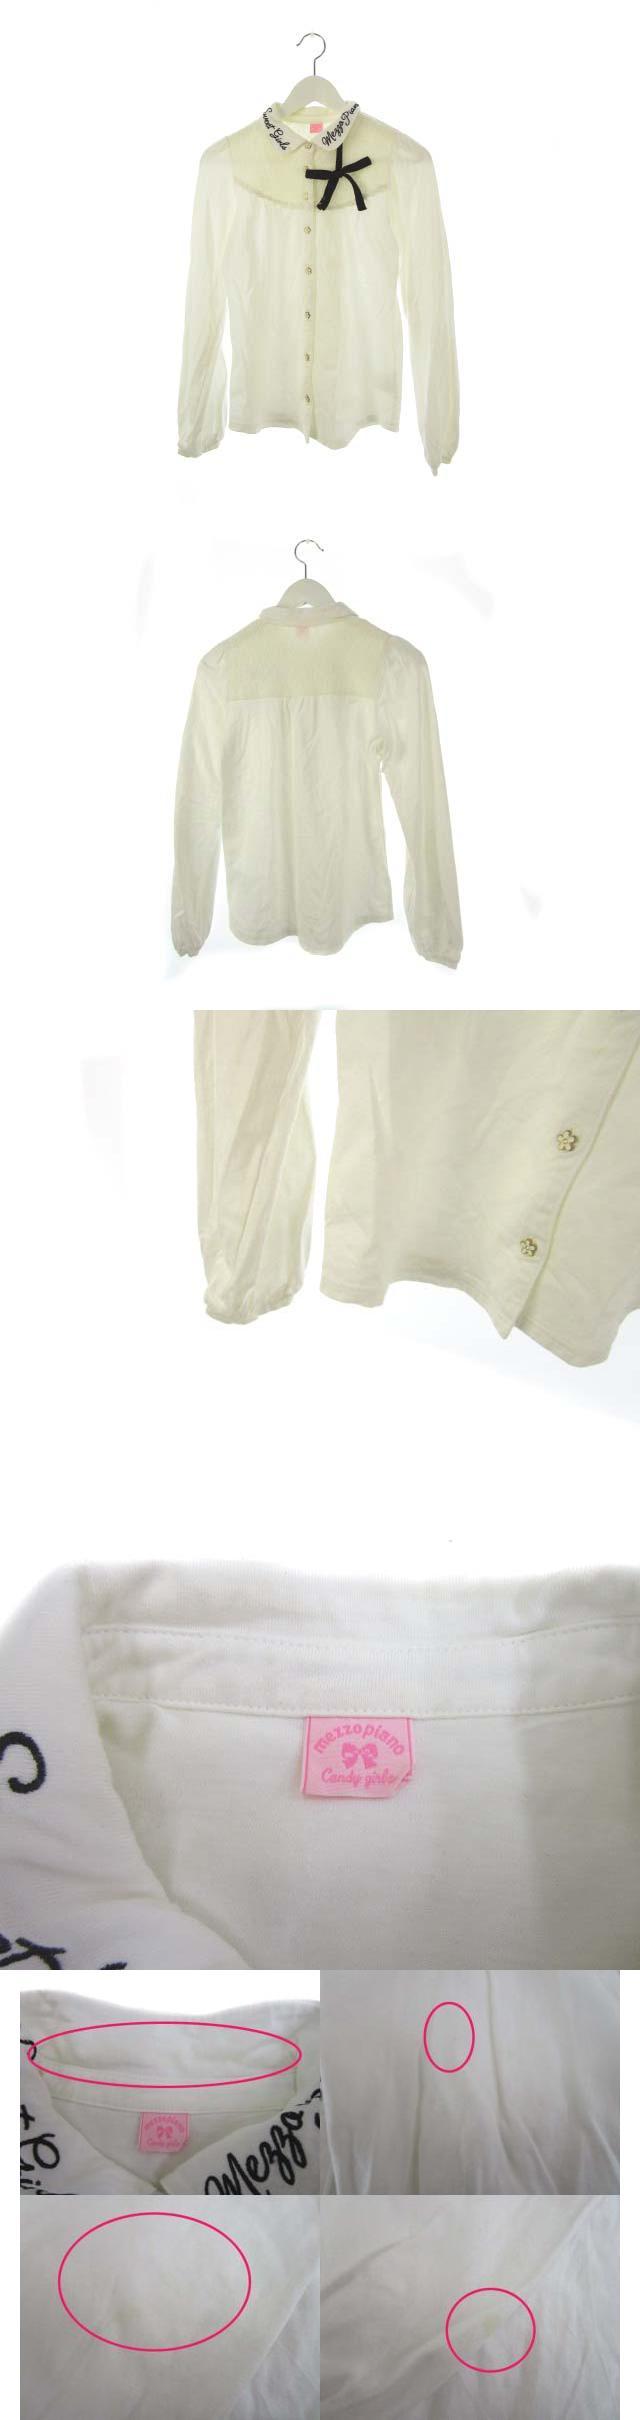 シャツ ブラウス トップス 白 ホワイト 160 ジュニア 子供服